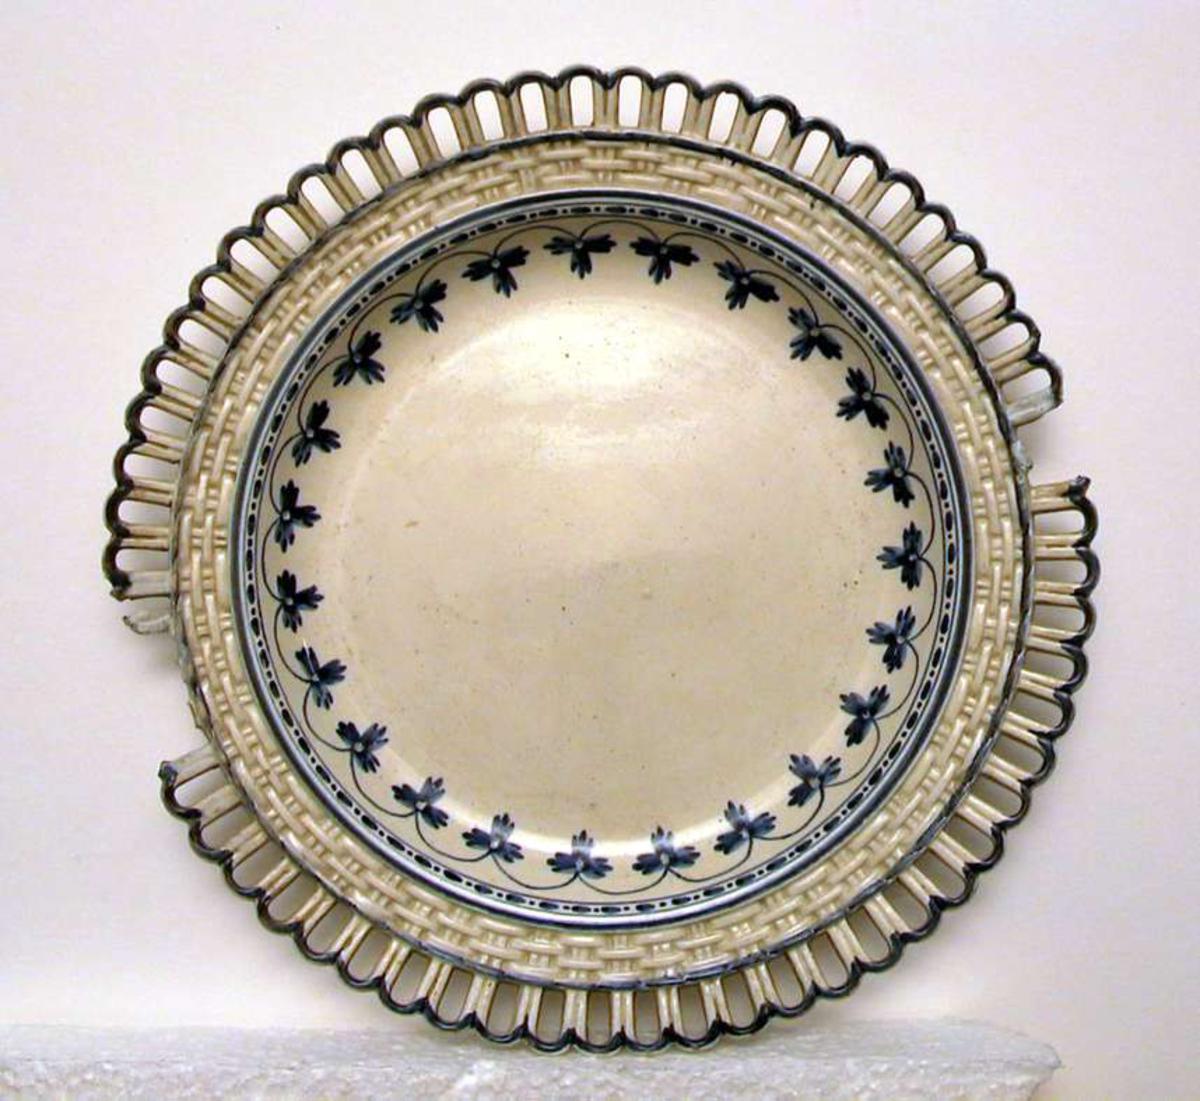 Tallerken med kremfarget glasur og blå, håndmalt dekor. Tallerkenen har hullfallskant ytterst. Biter av hullfallskanten mangler.